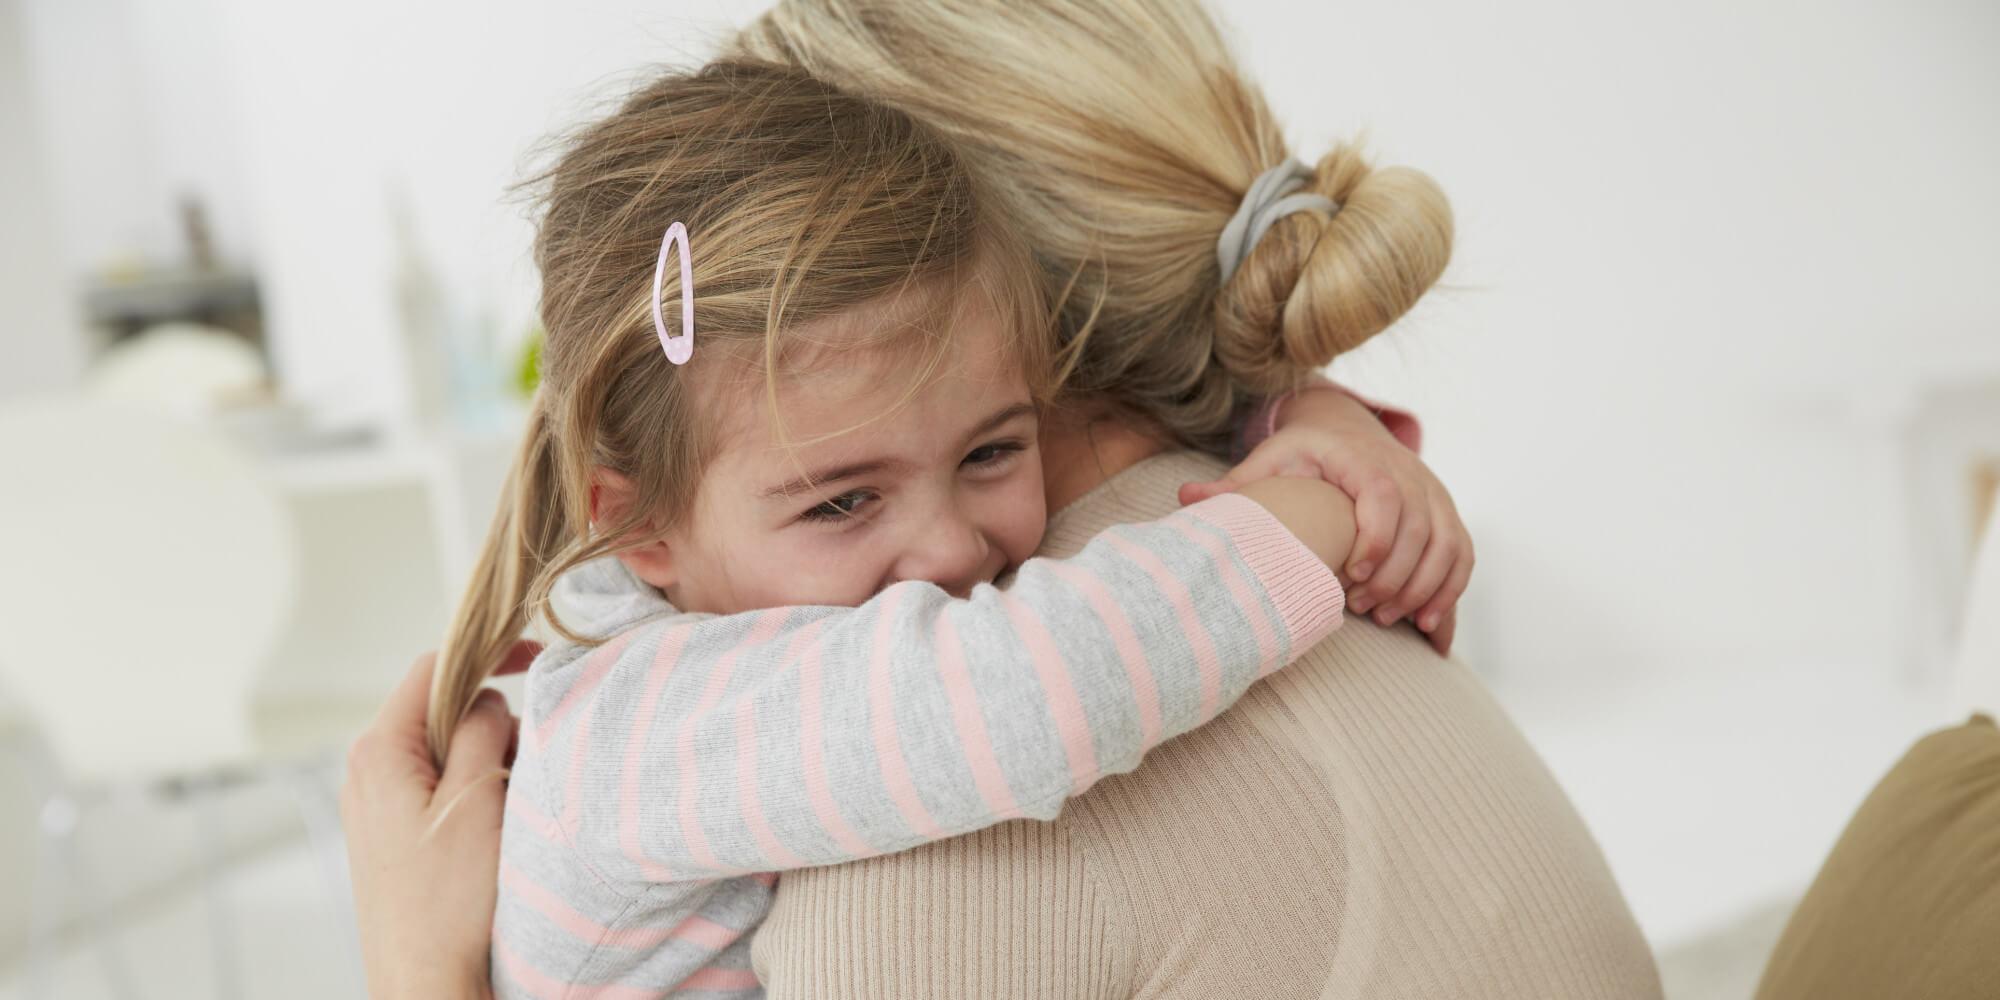 El lazo madre e hija se consolida a través del amor y la incondicionalidad